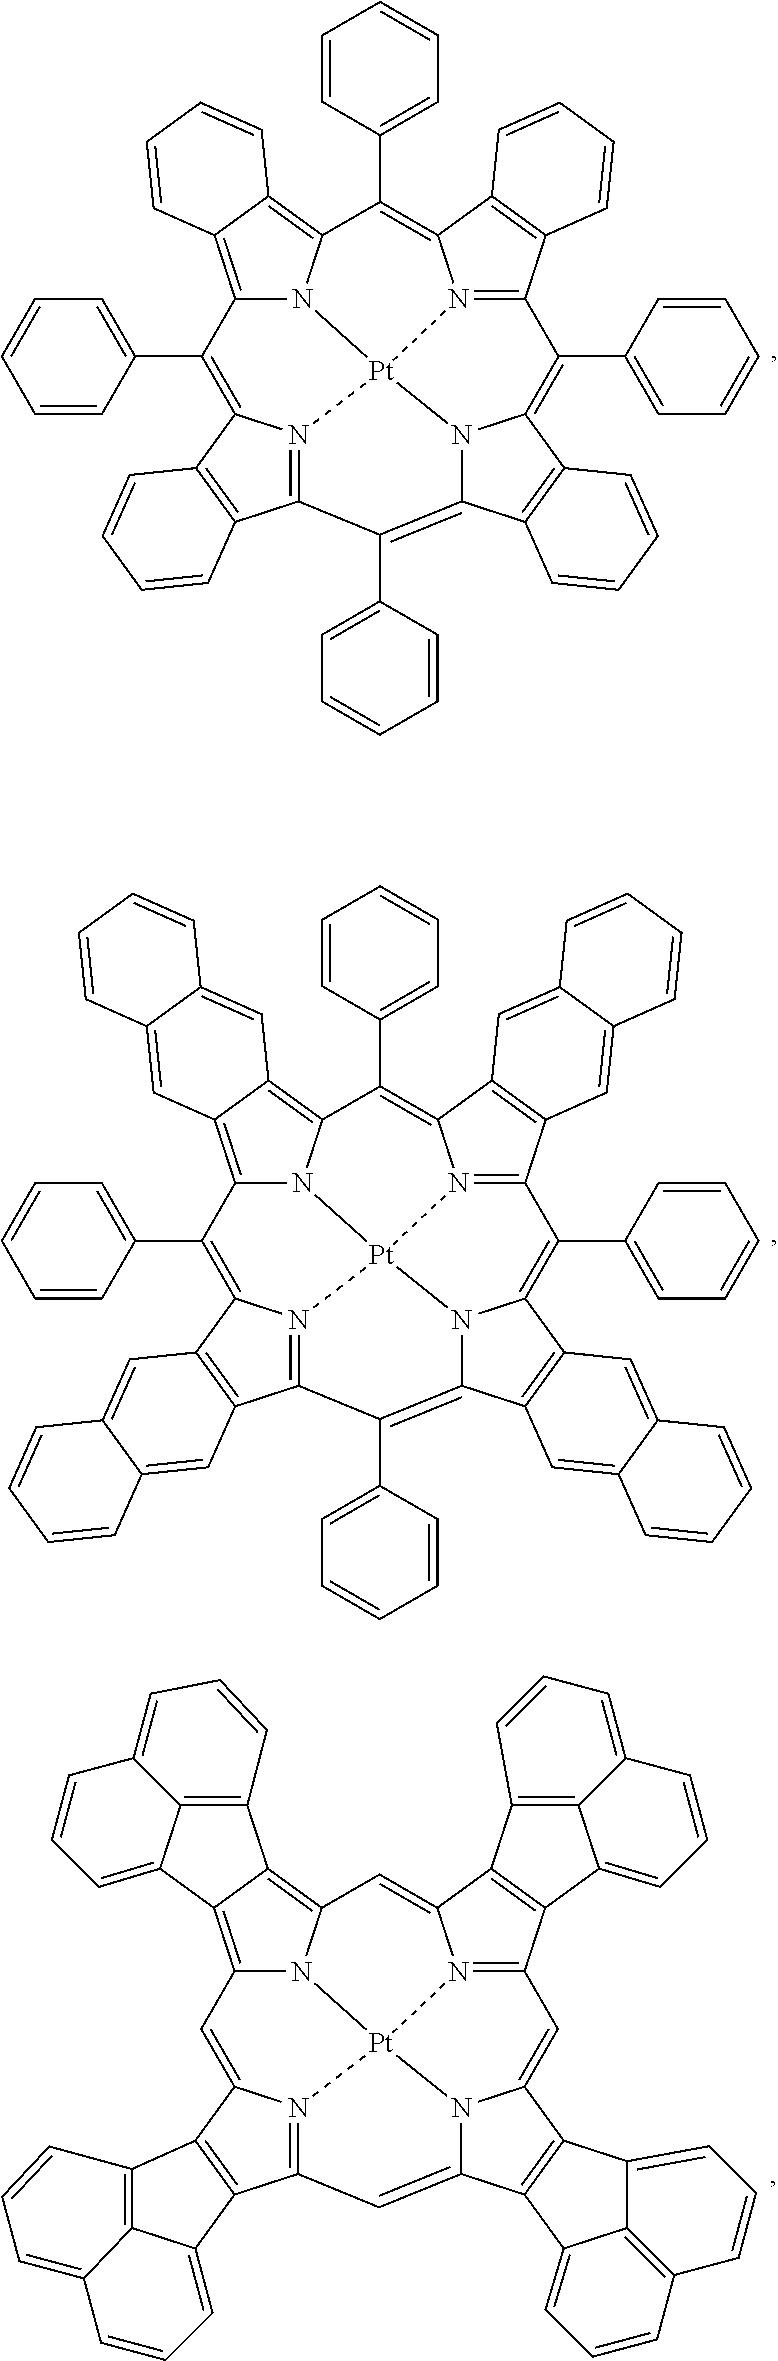 Figure US20100013386A1-20100121-C00015